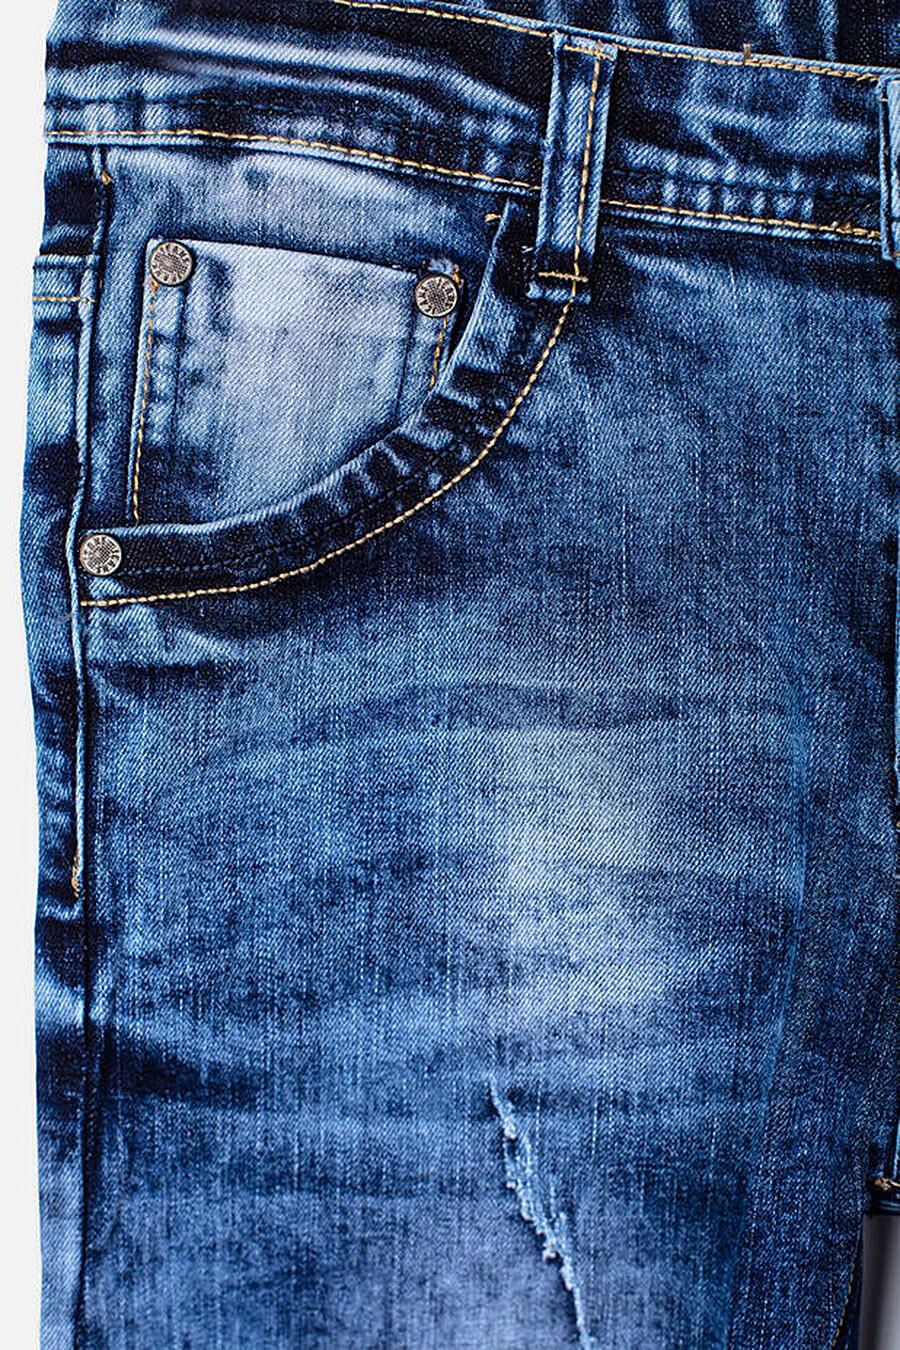 Джинсы для мальчиков PLAYTODAY 169580 купить оптом от производителя. Совместная покупка детской одежды в OptMoyo